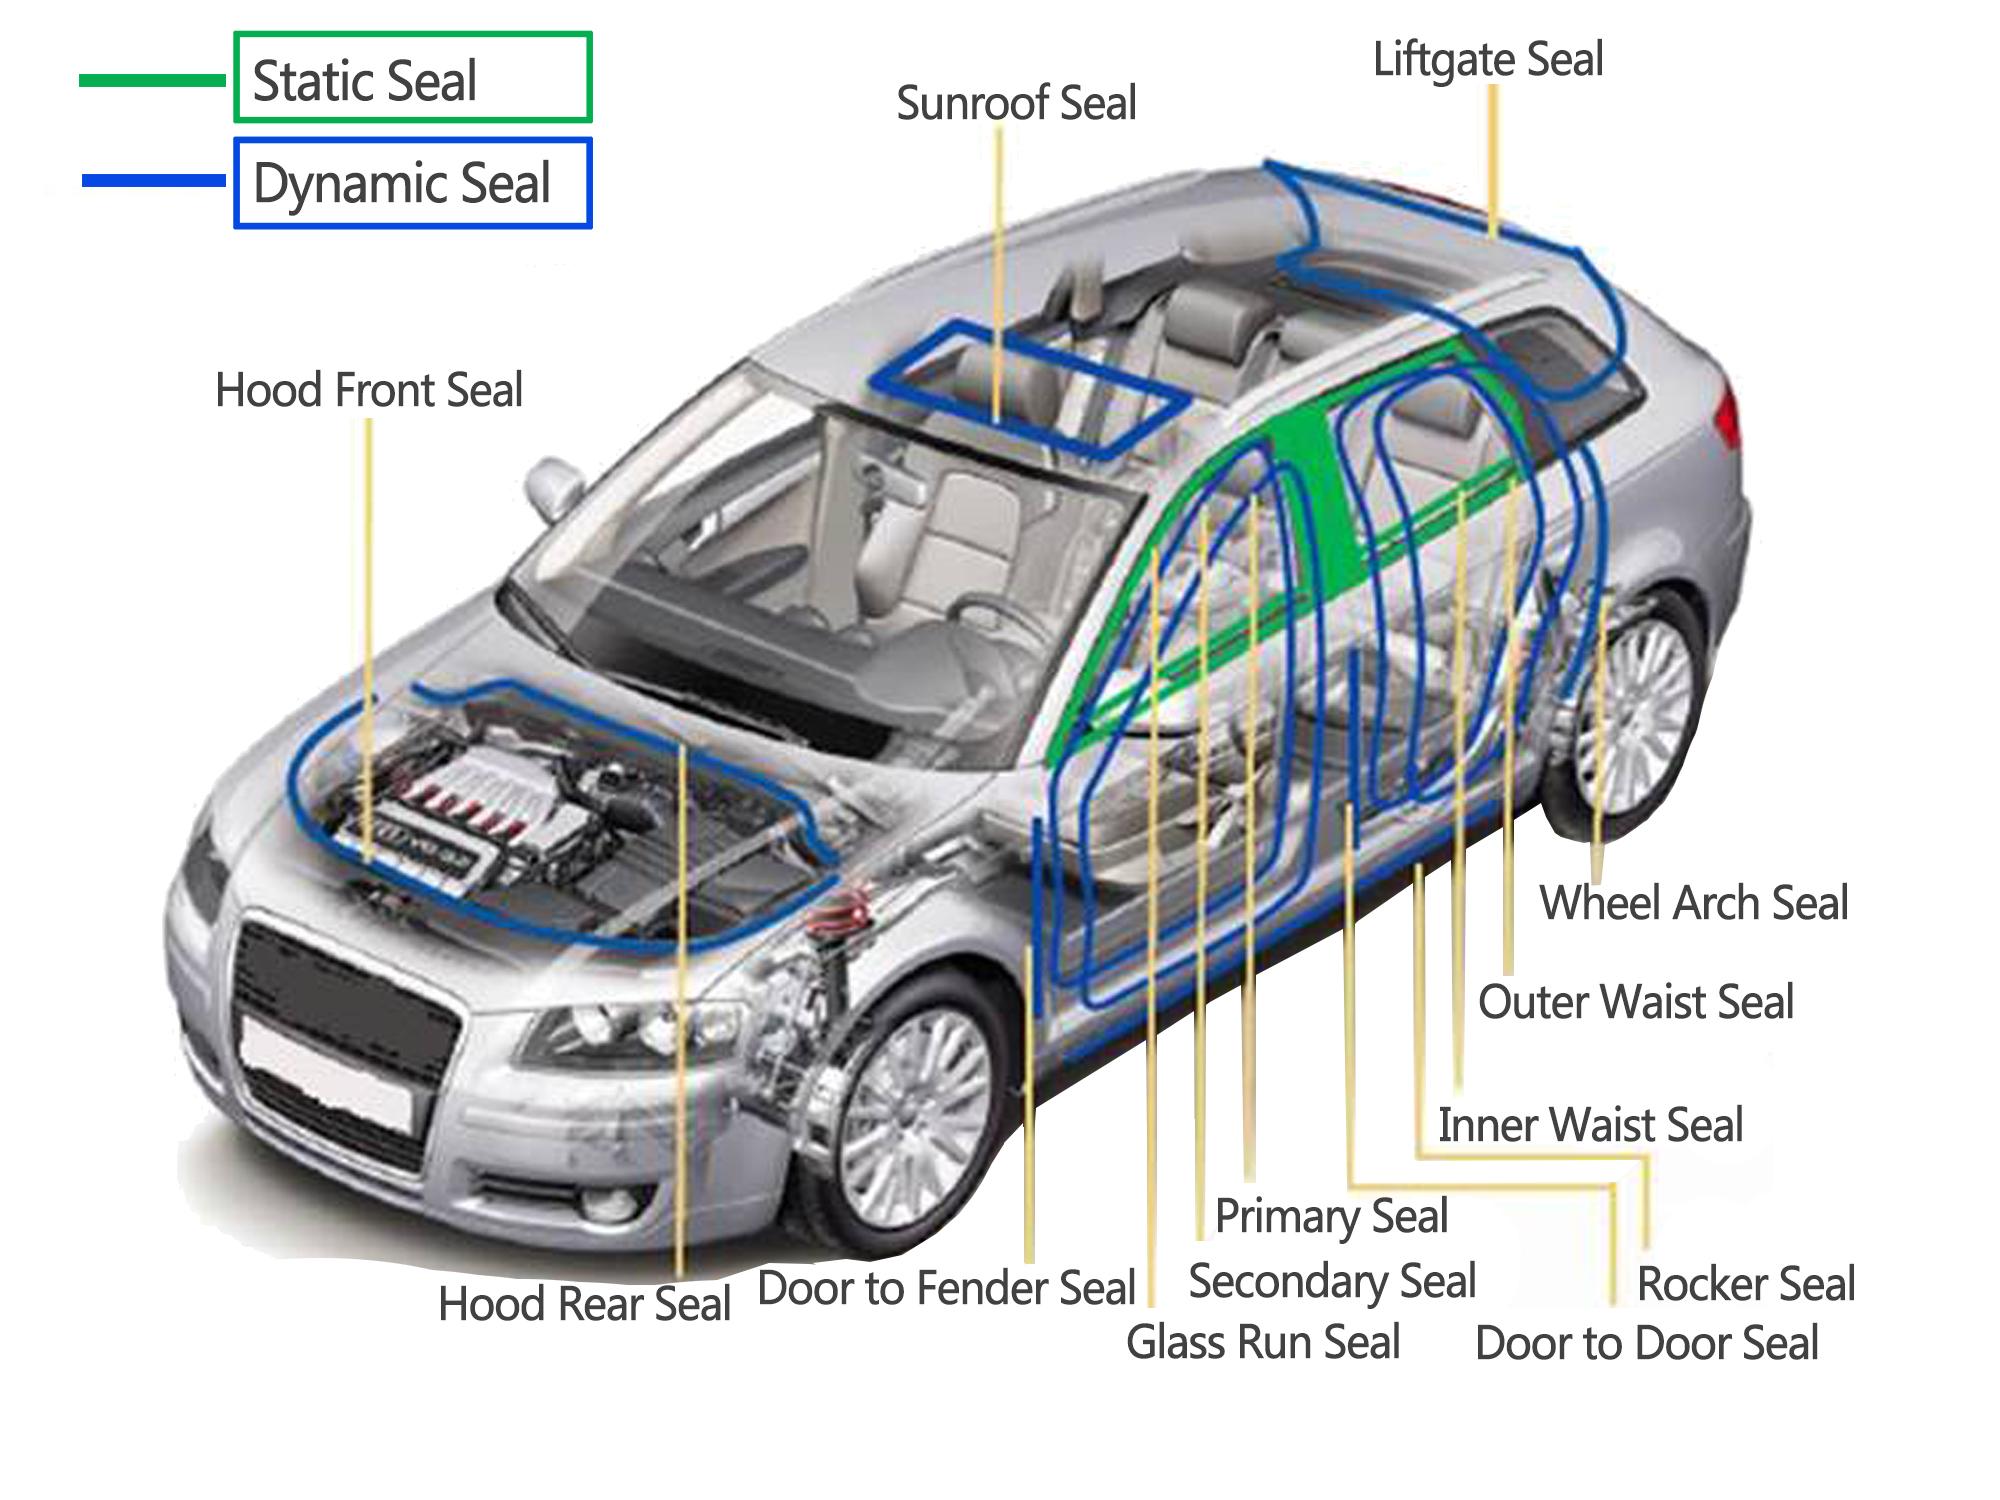 【官宣】通用汽车将蓝欧公司声波衰减涂层材料纳入全球供应链材料系统